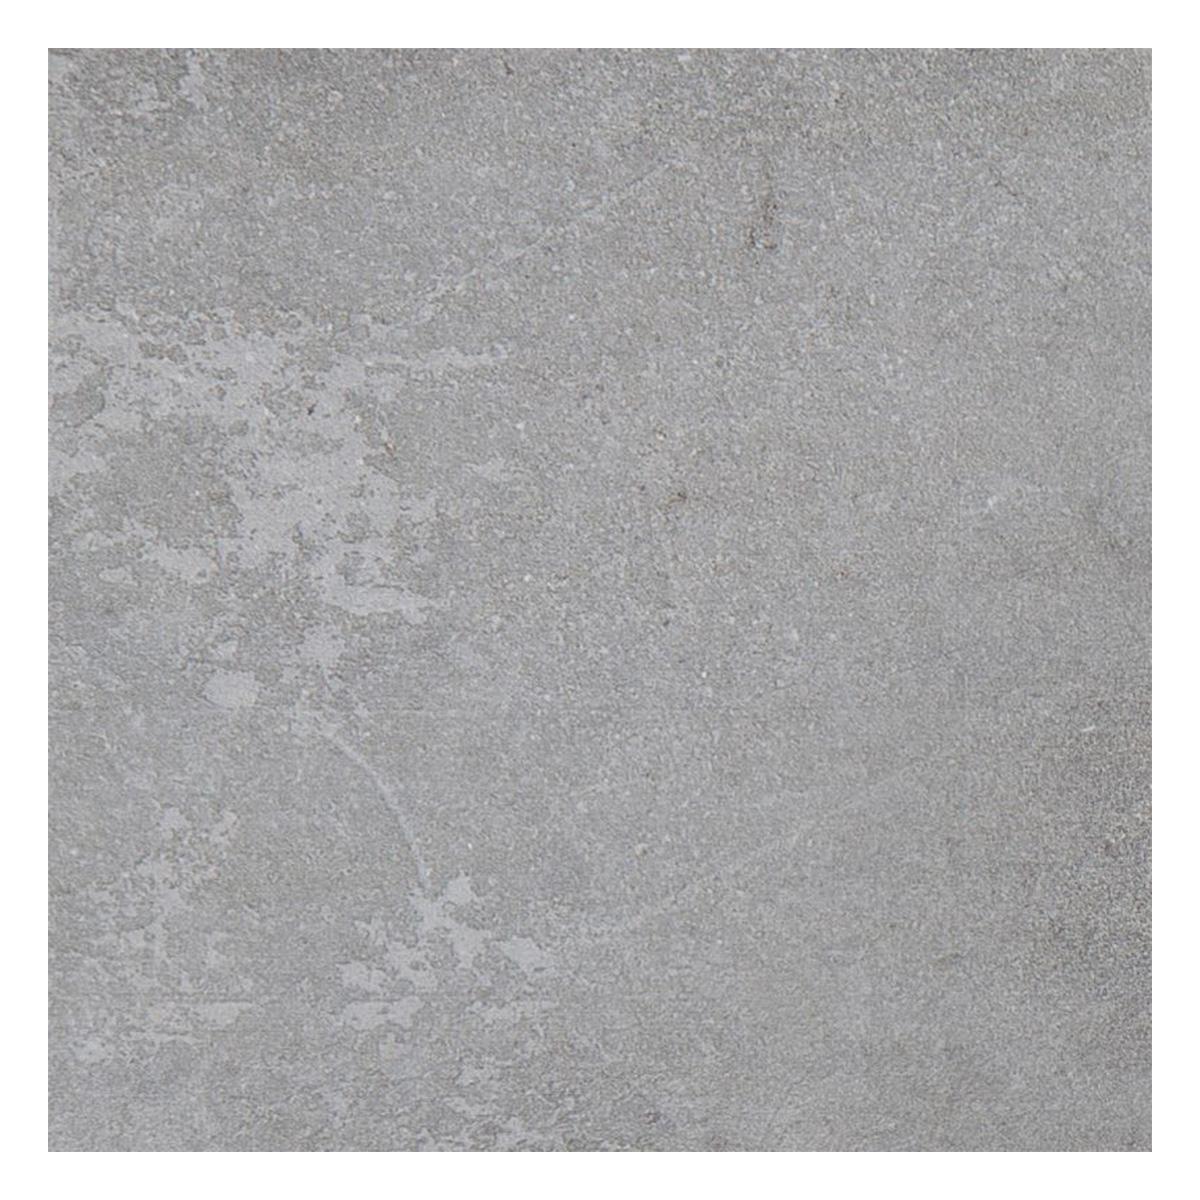 Sphinx Concrete tegel grijs mat 59.8 x 59.8 cm